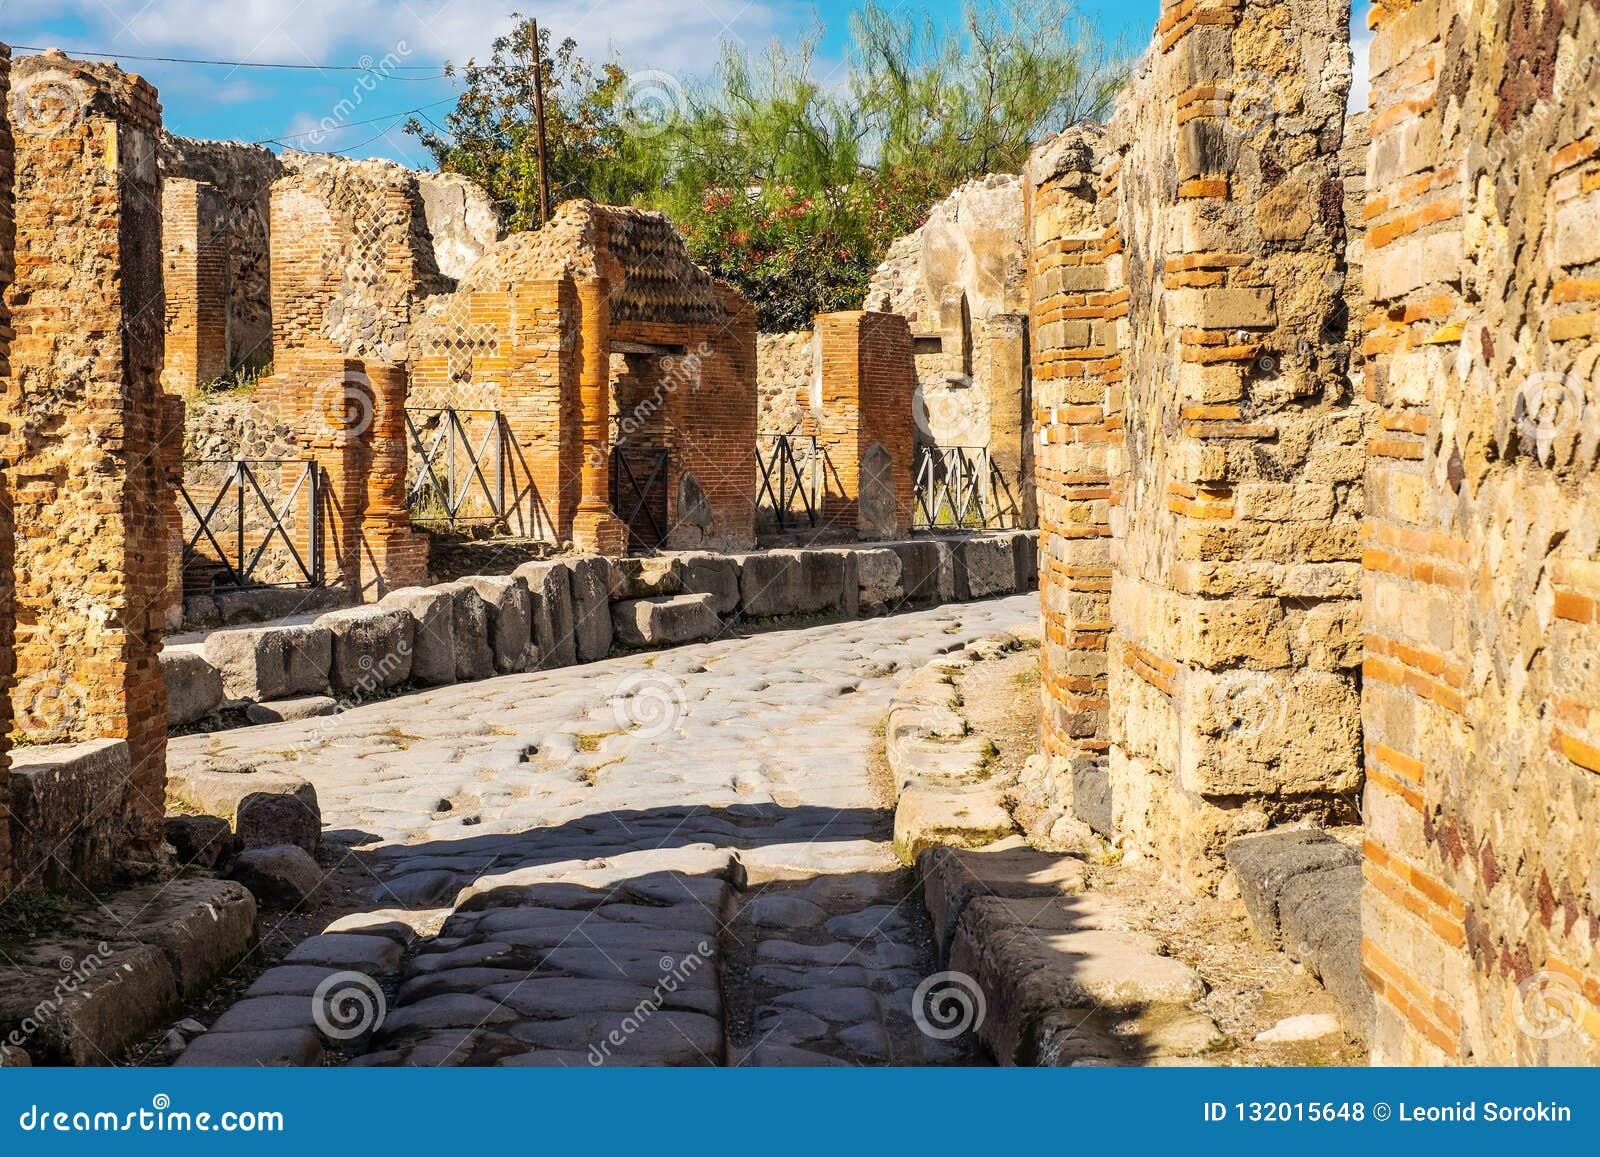 Старая вымощенная улица взята в середине римских руин в Помпеи, Италии